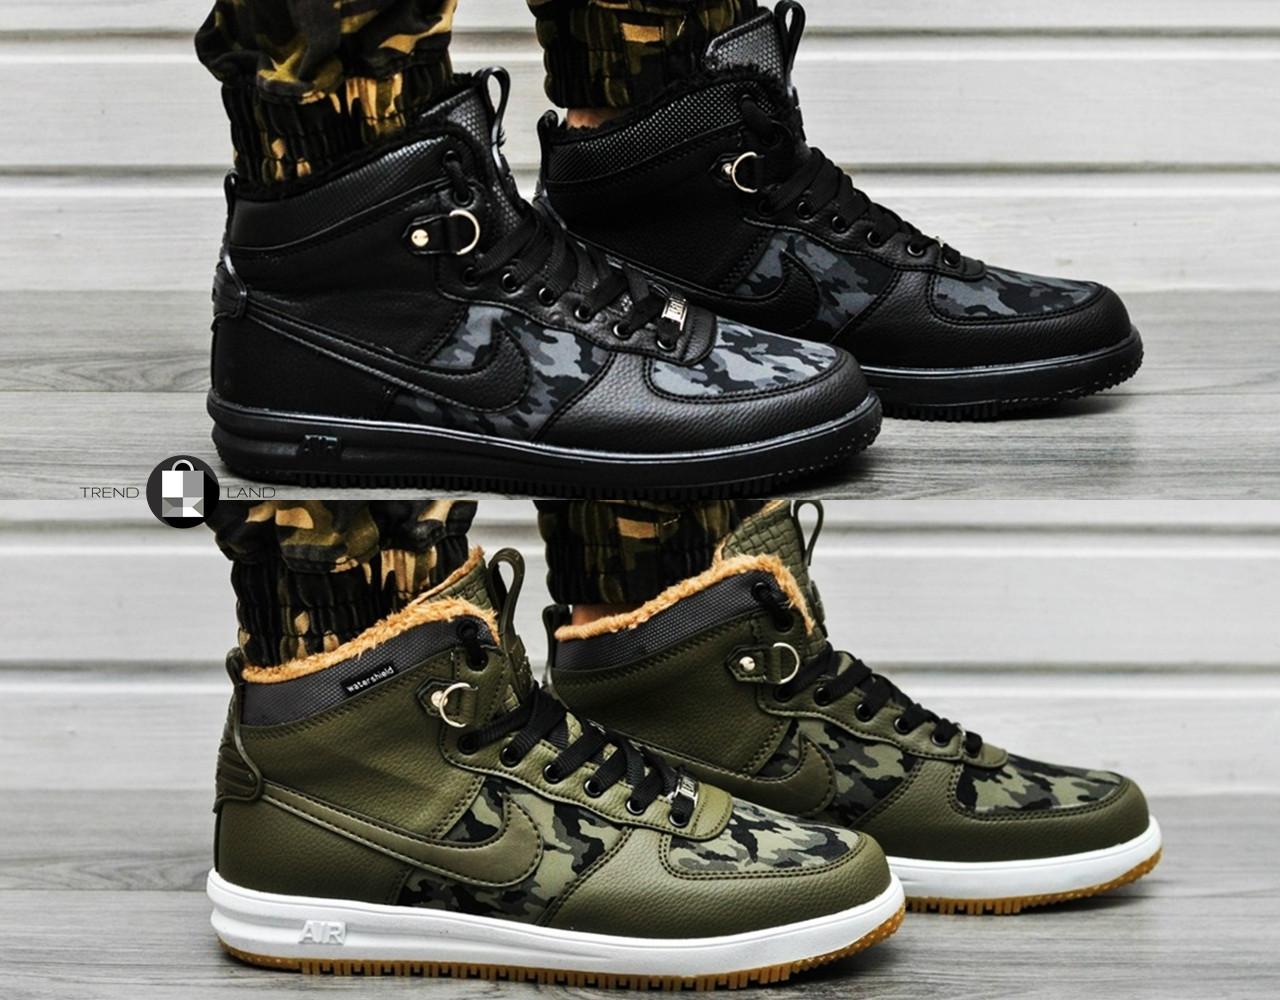 Мужские зимние кроссовки Nike Lunar Force 1 Duckboot Military 2 цвета  (Реплика AAA+) - c47760f4214